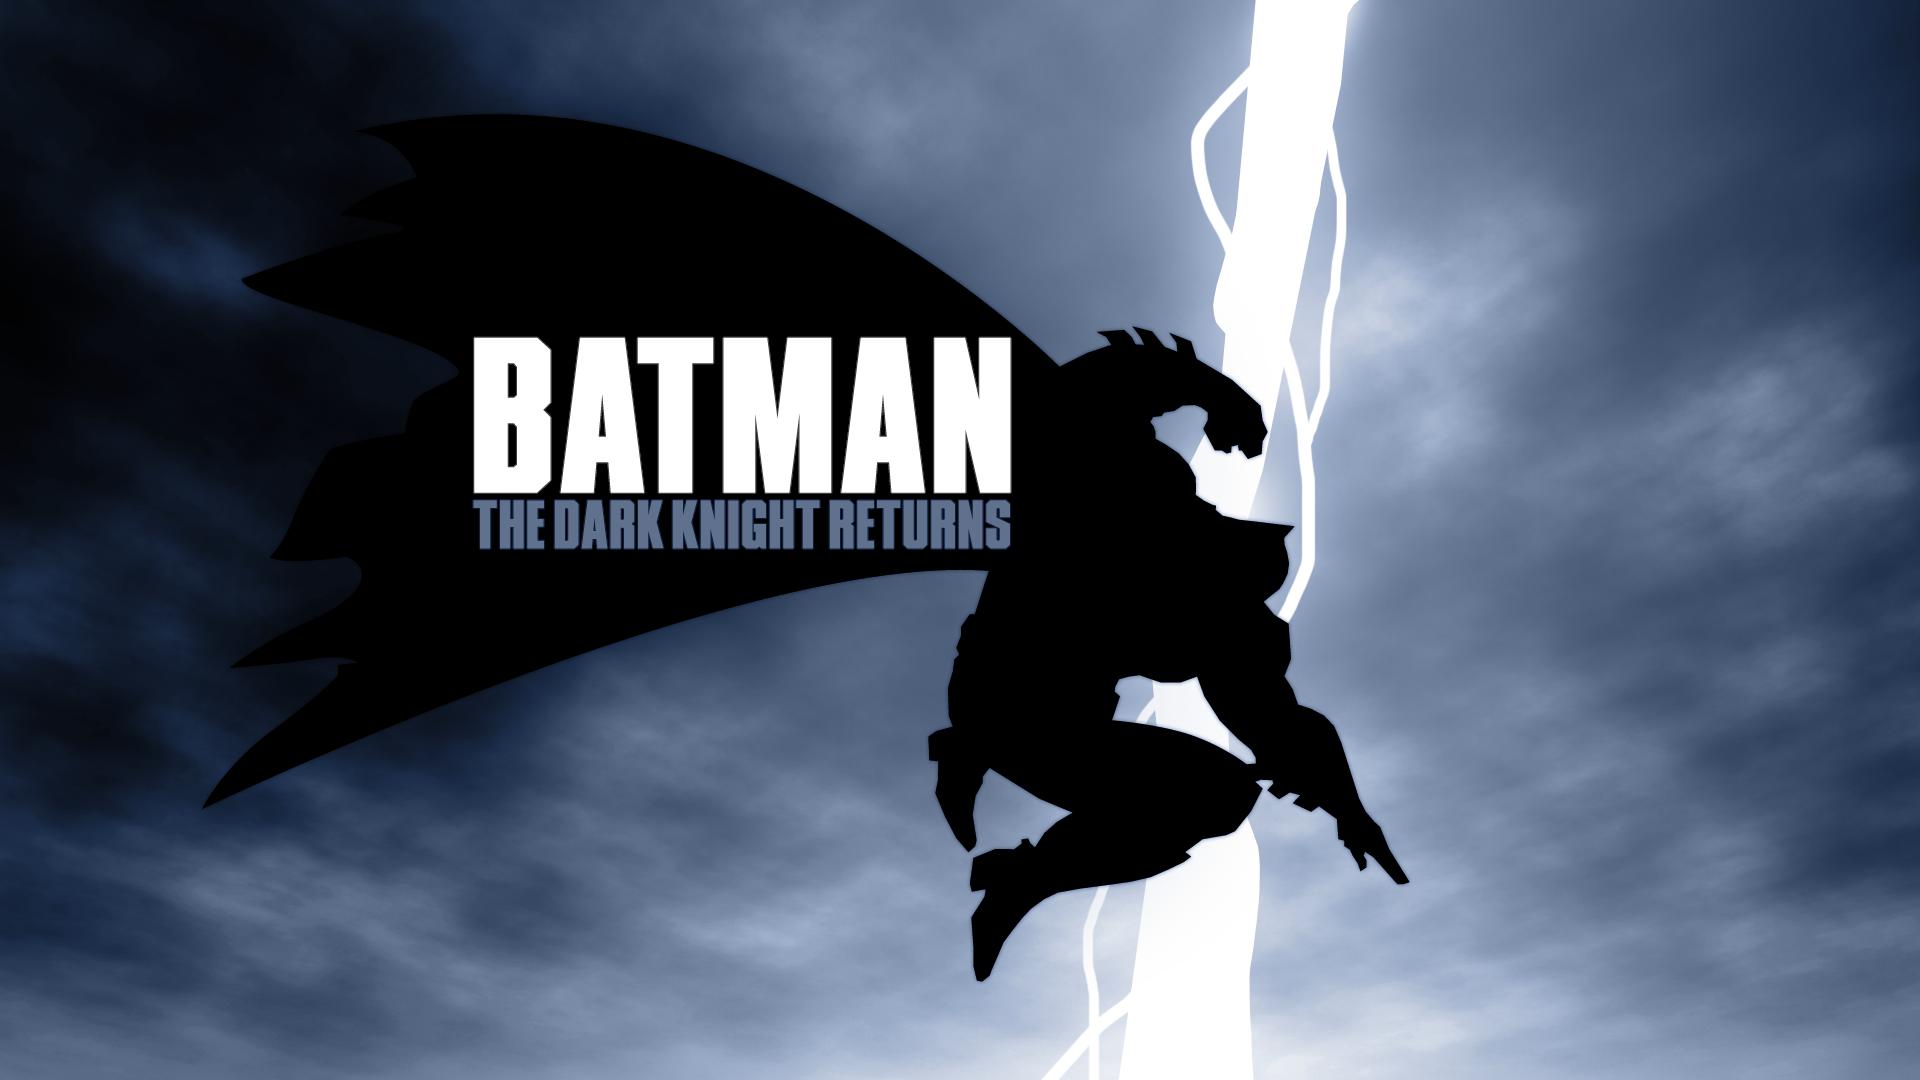 Batman The dark knight returns 1920x1080